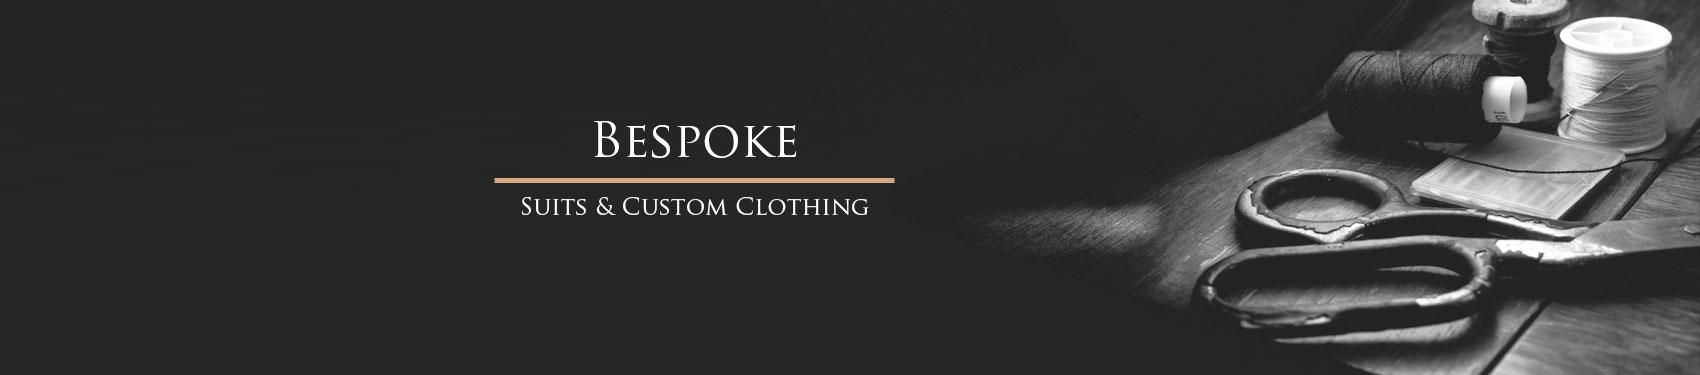 Bespoke and Custom Clothing